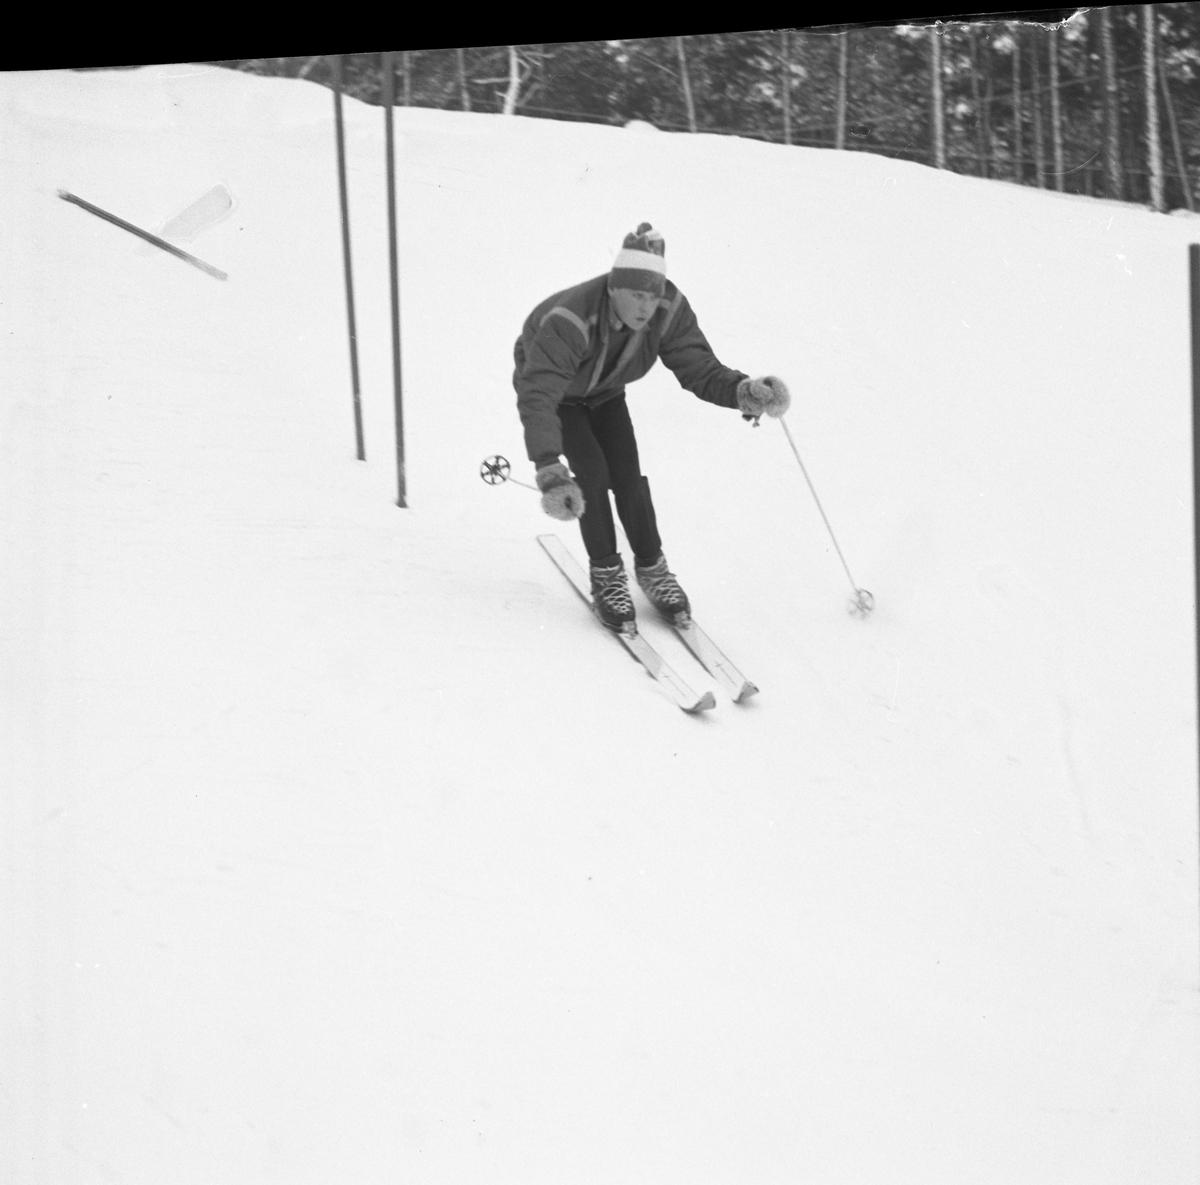 Arboga Tekniska Skola har idrottsdag. En man åker slalom.